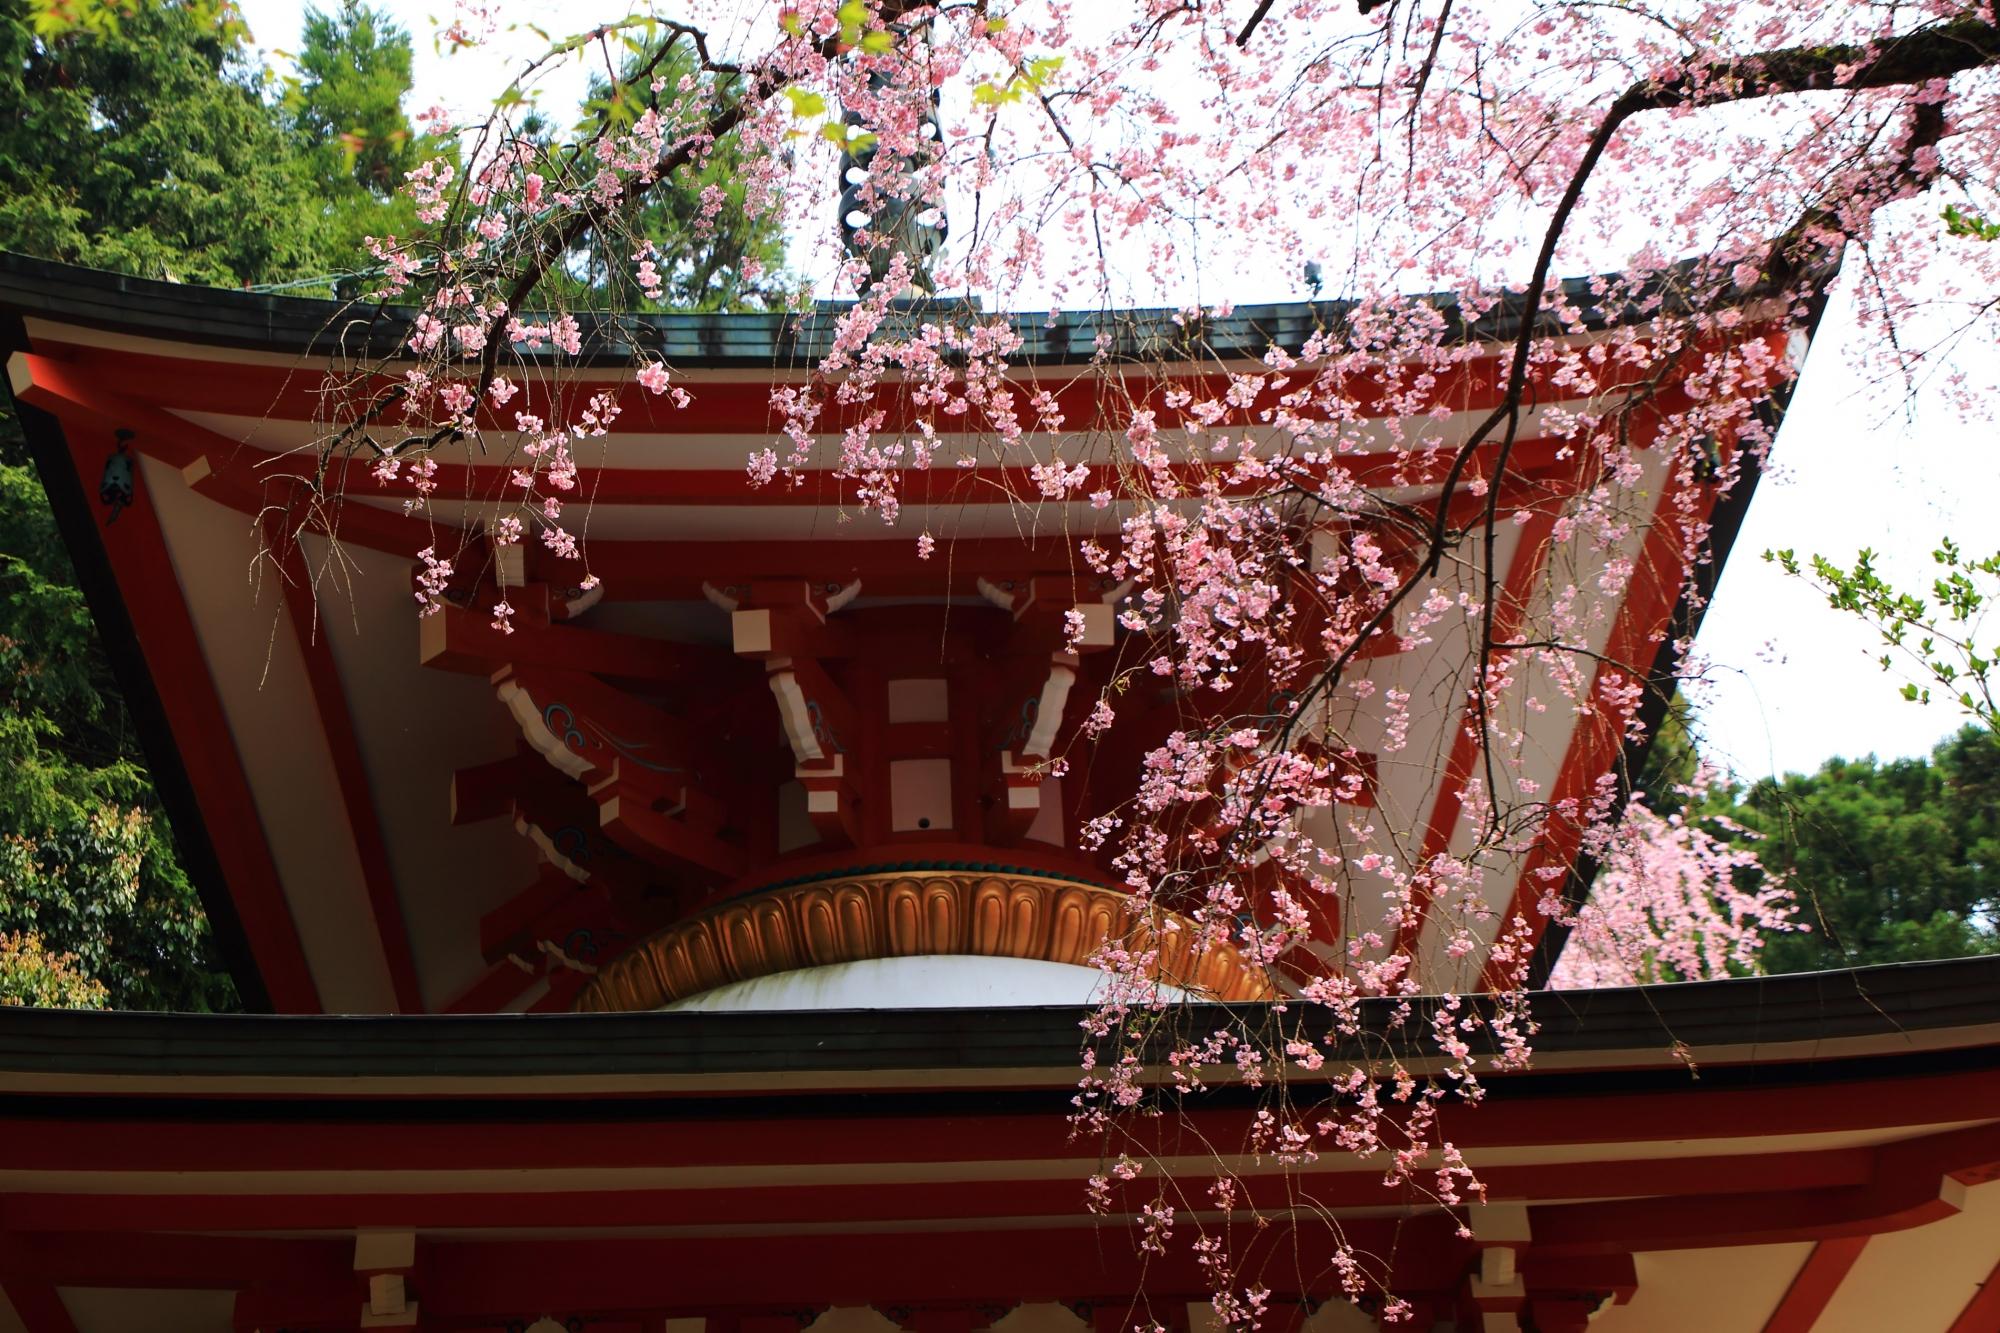 朱色と白の多宝塔を華やかに染めるピンクのしだれ桜